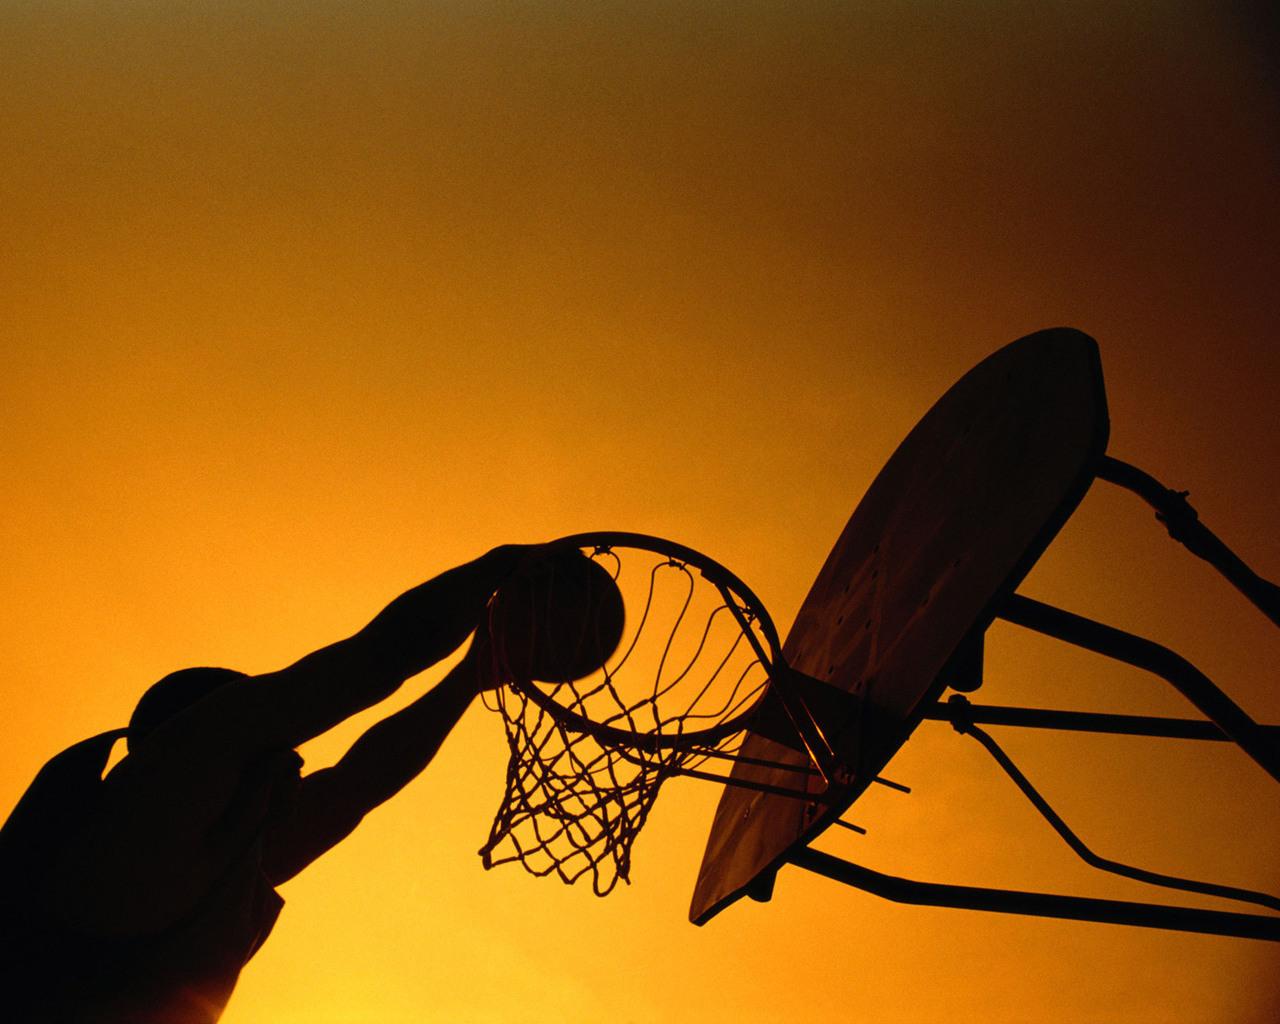 Баскетбол, мяч, фото, обои на рабочий стол